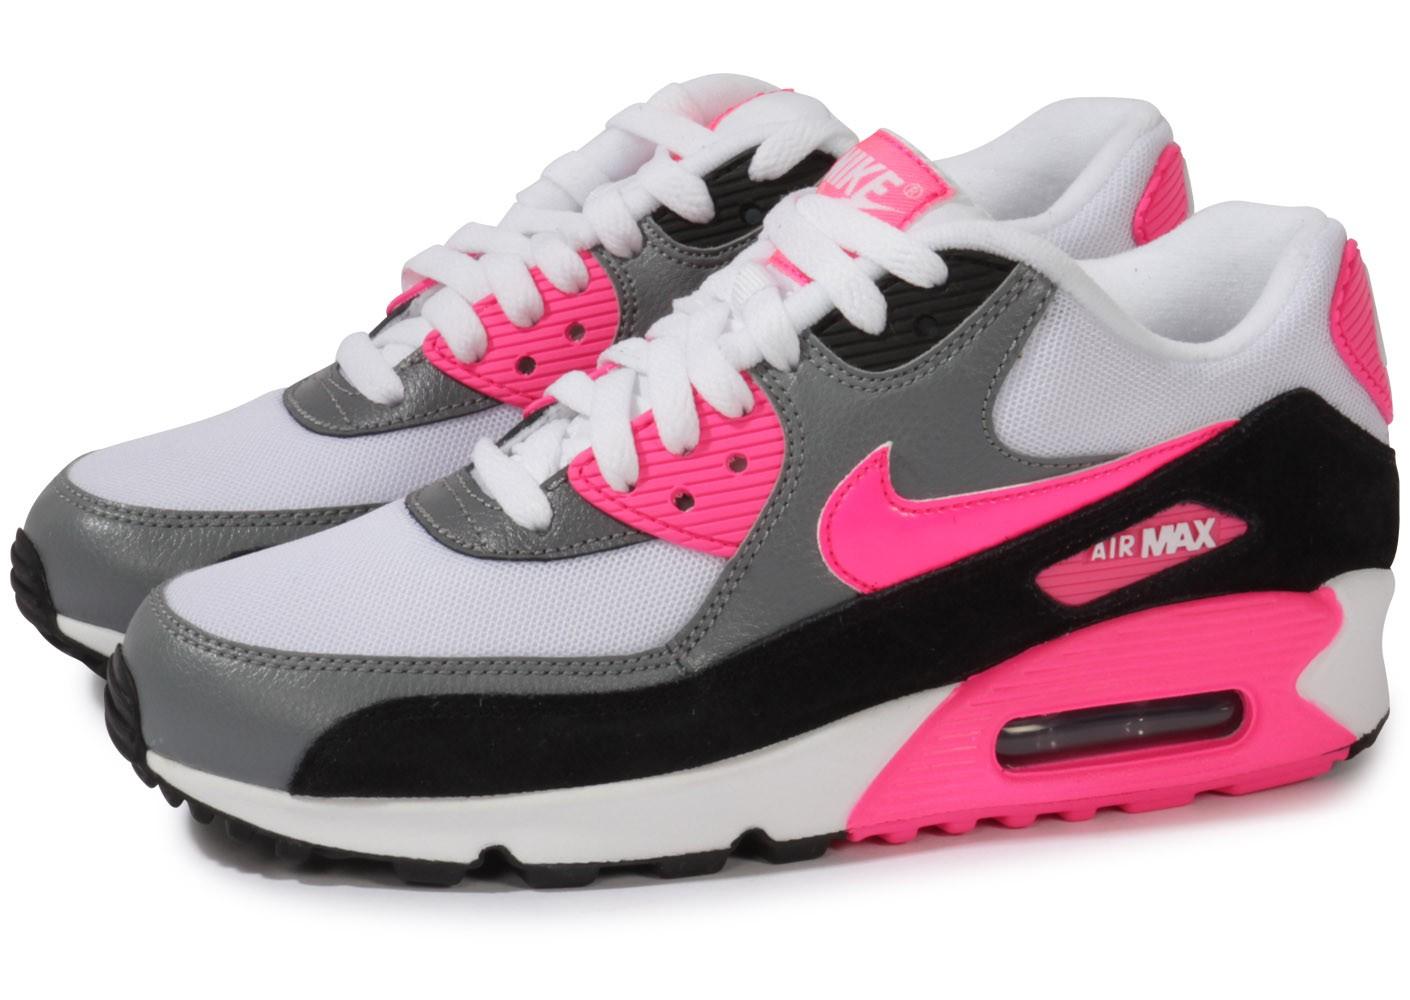 chaussures nike air max 90 femme